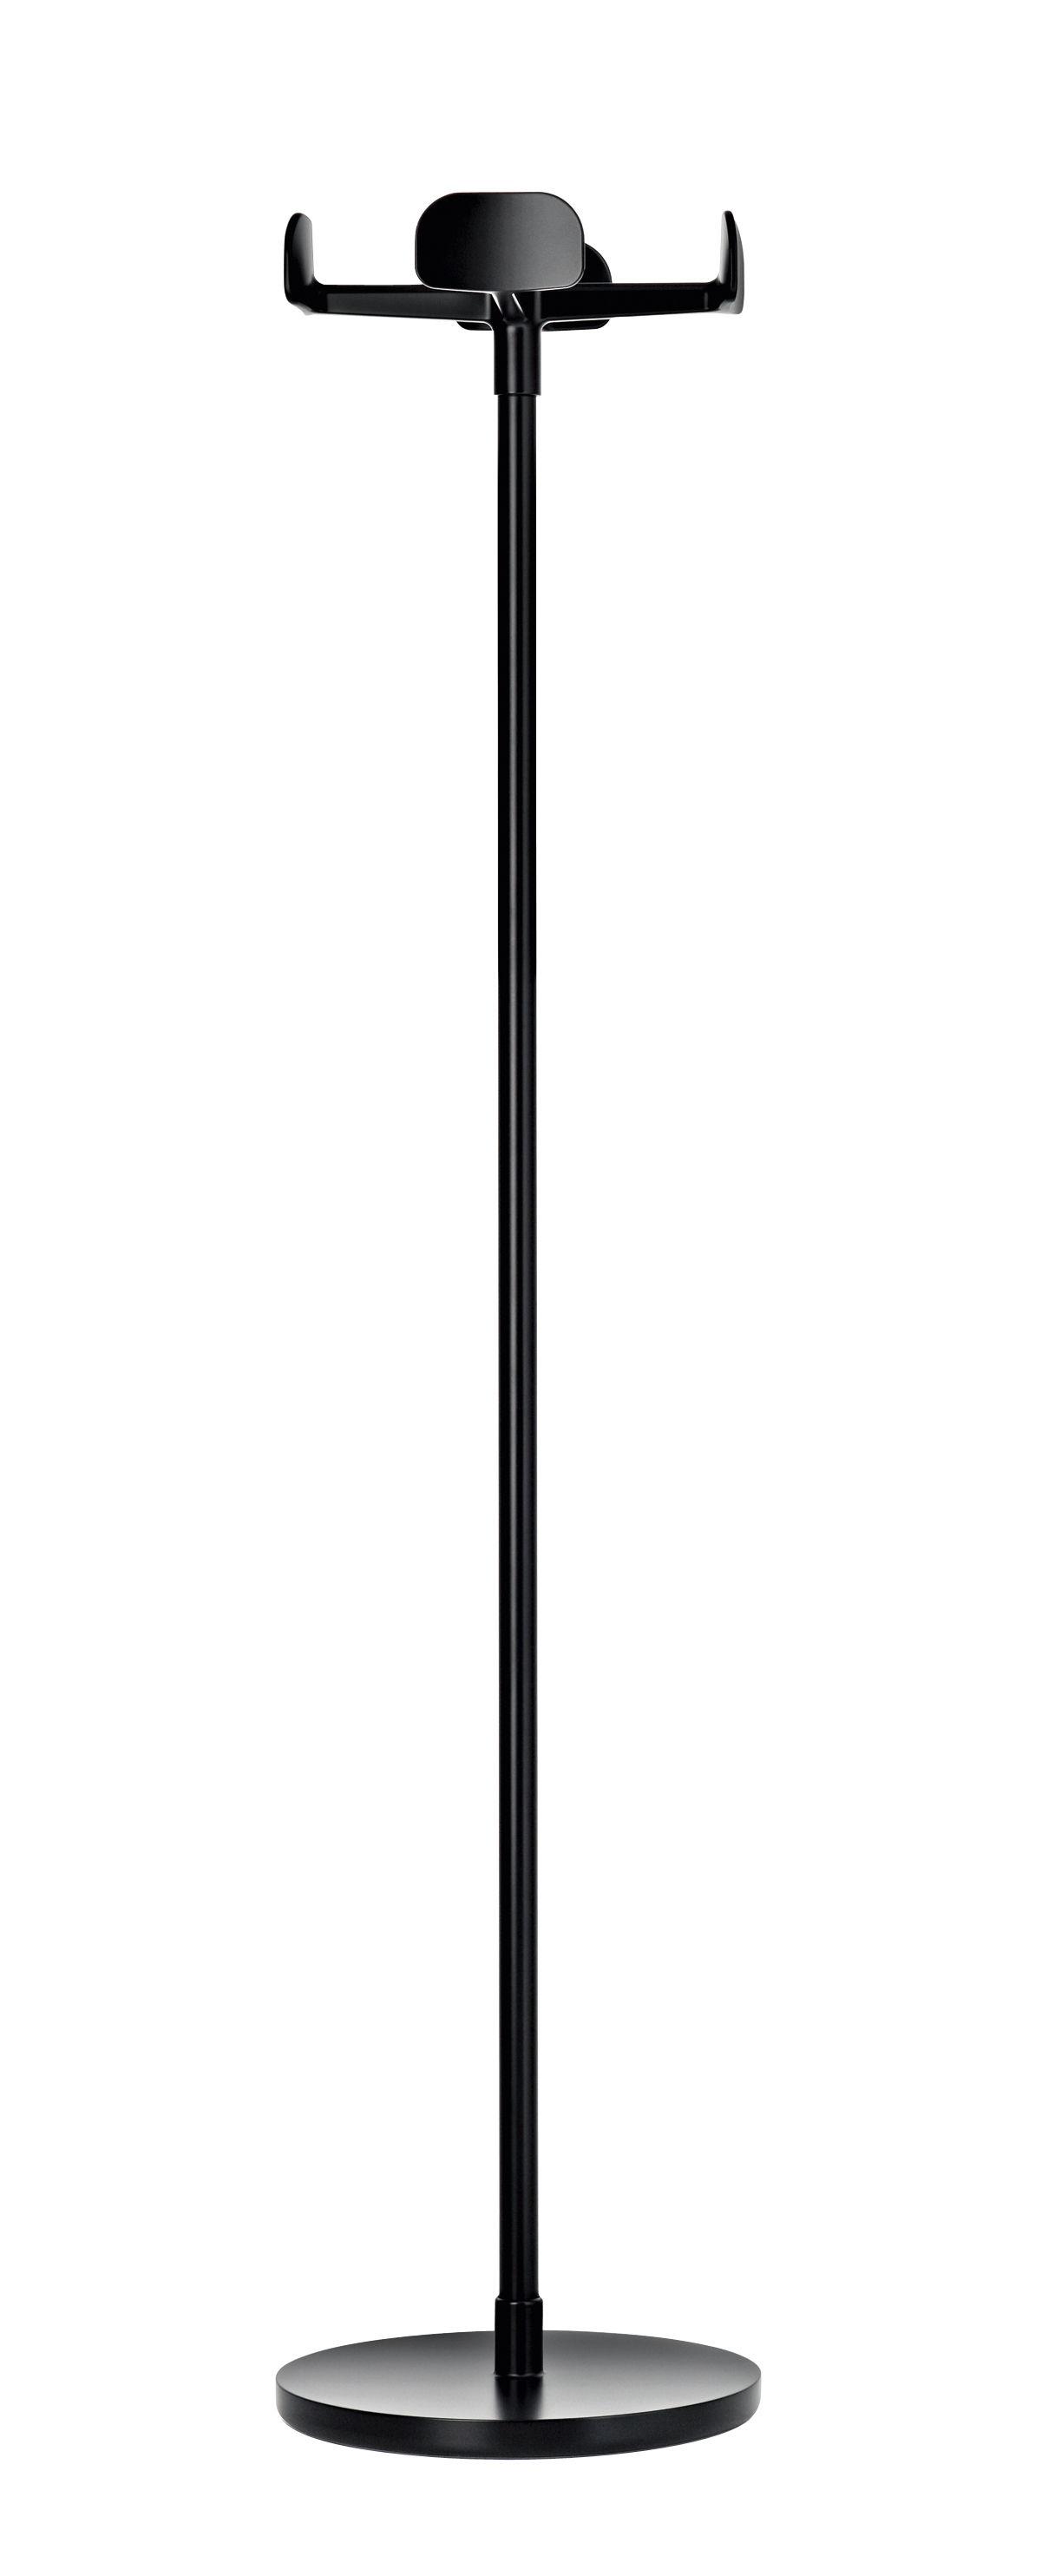 Möbel - Garderoben und Kleiderhaken - Four leaves Garderobe - Magis - Schwarz - klarlackbeschichtetes Aluminium